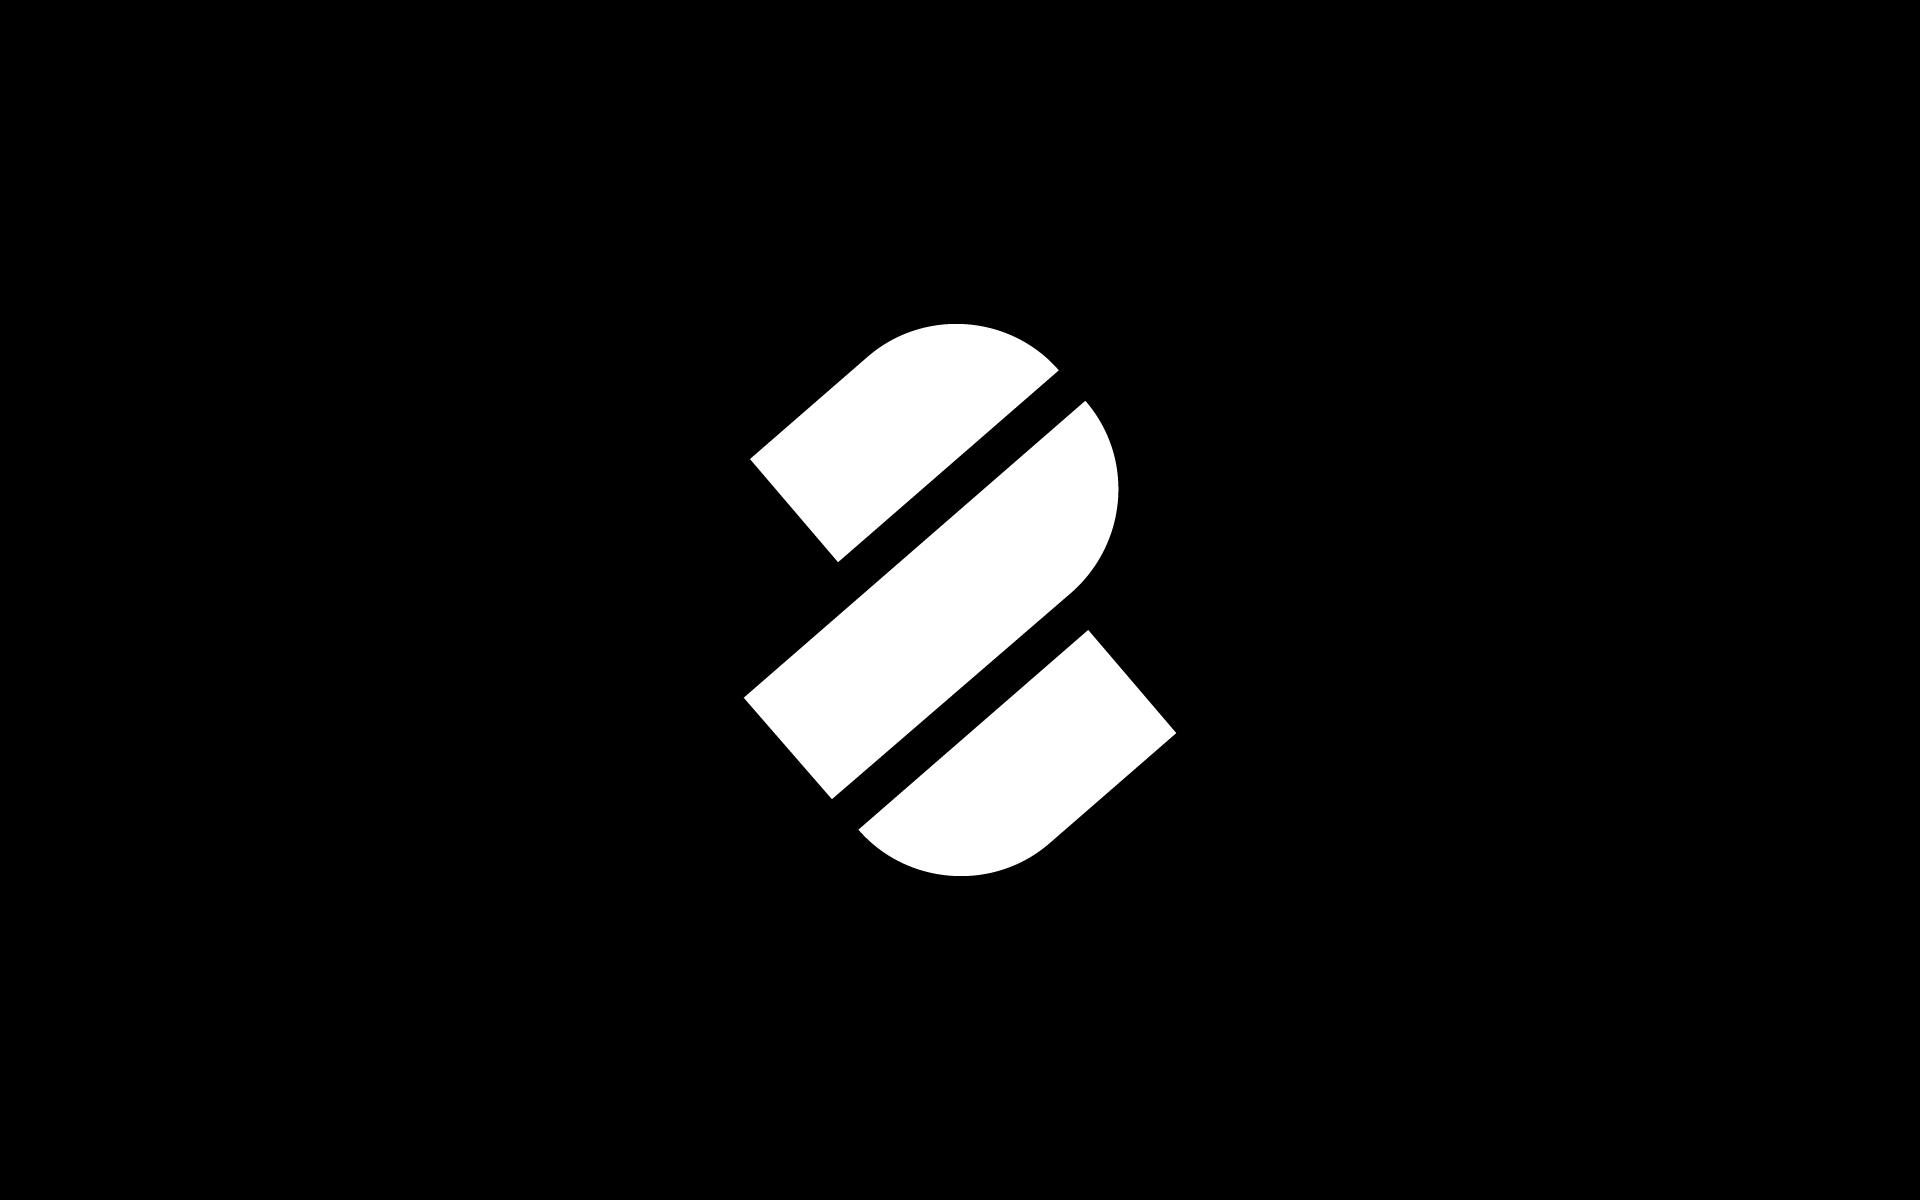 Logo-and-Brandmark-Designs-9.jpg